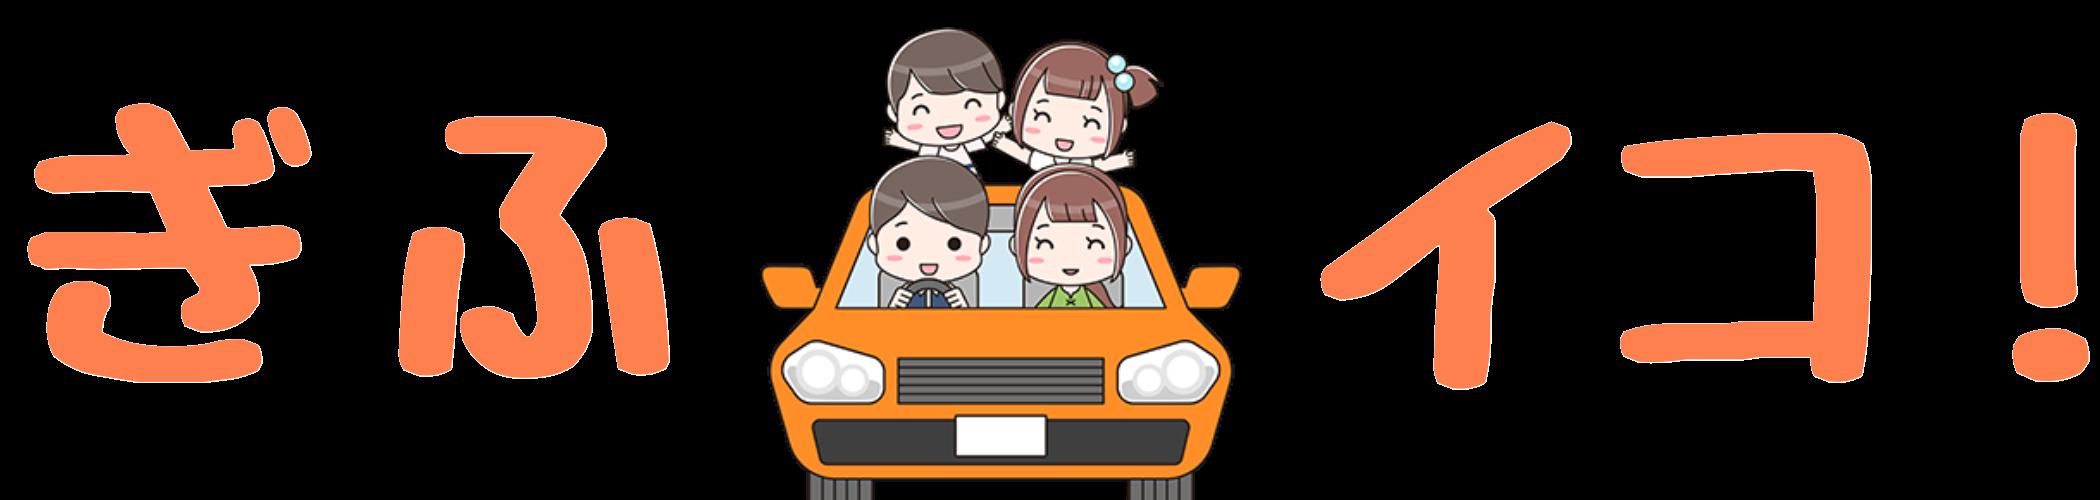 岐阜のグルメ・イベント・子育て情報ブログ「ぎふイコ!」